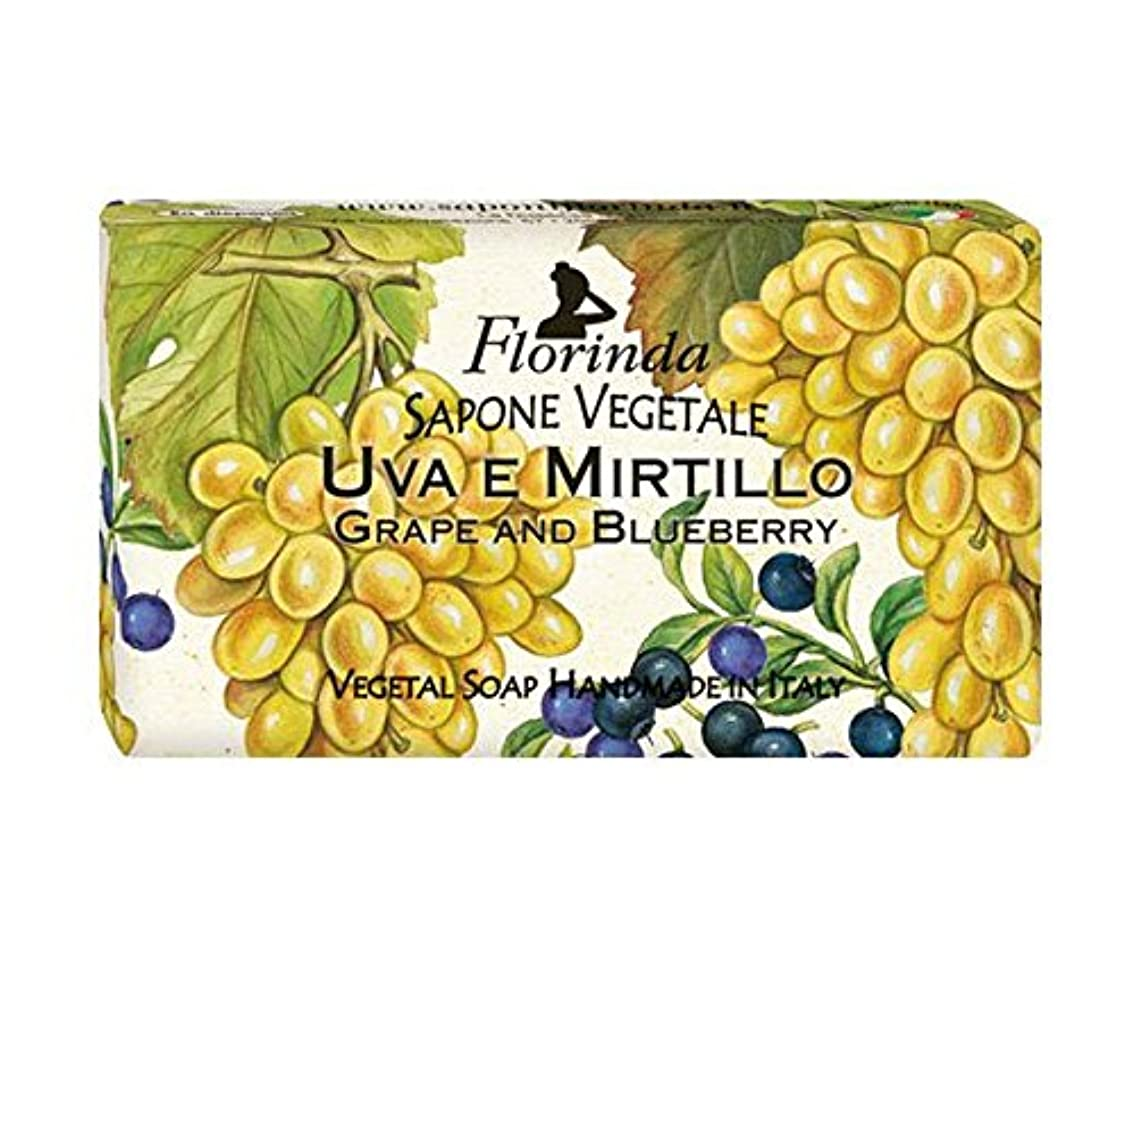 一月ハブブ相談Florinda フロリンダ フレグランスソープ フルーツ グレープ&ブルーベリー 100g [並行輸入品]